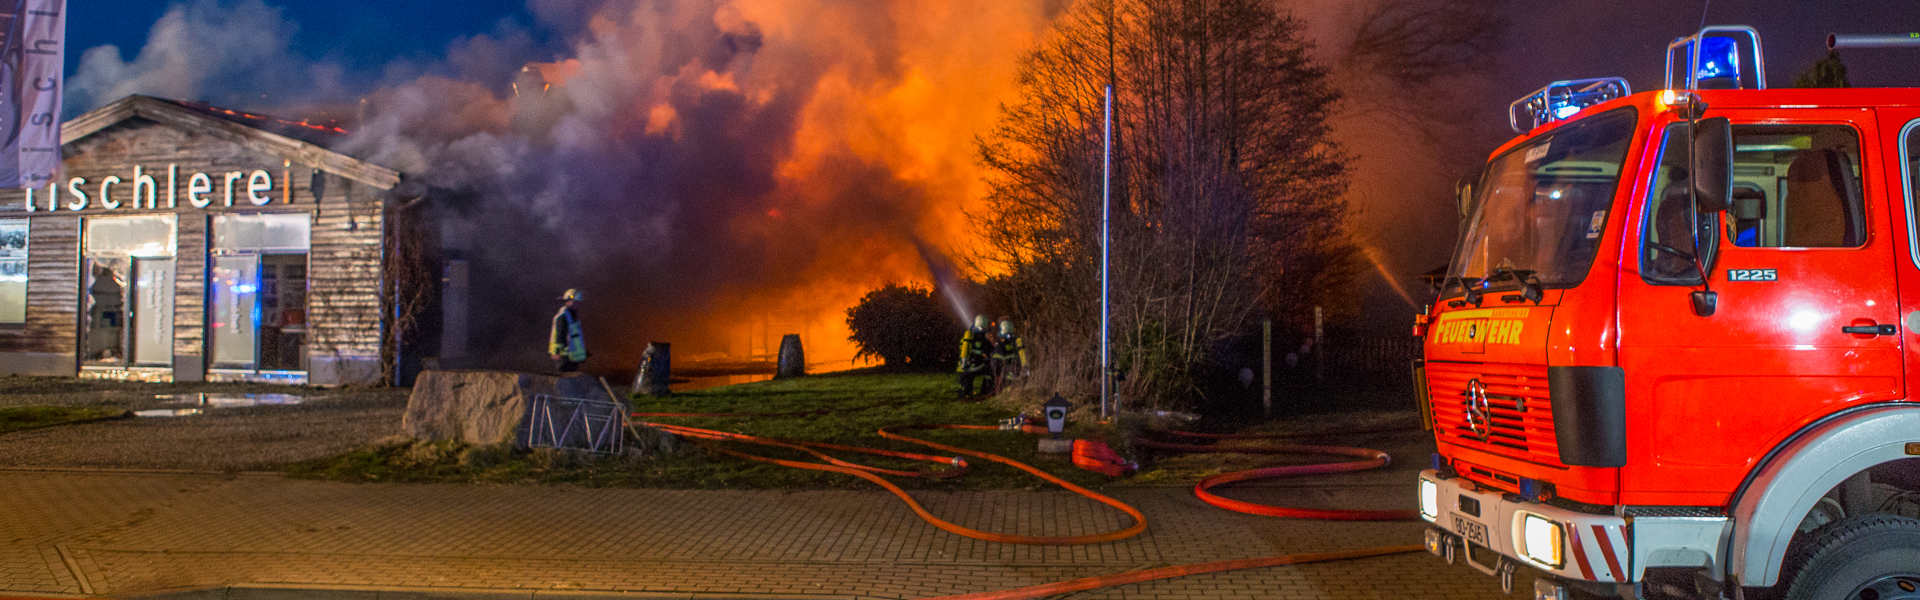 21.03.2017 – Tischlerei brennt in Bargteheide nieder